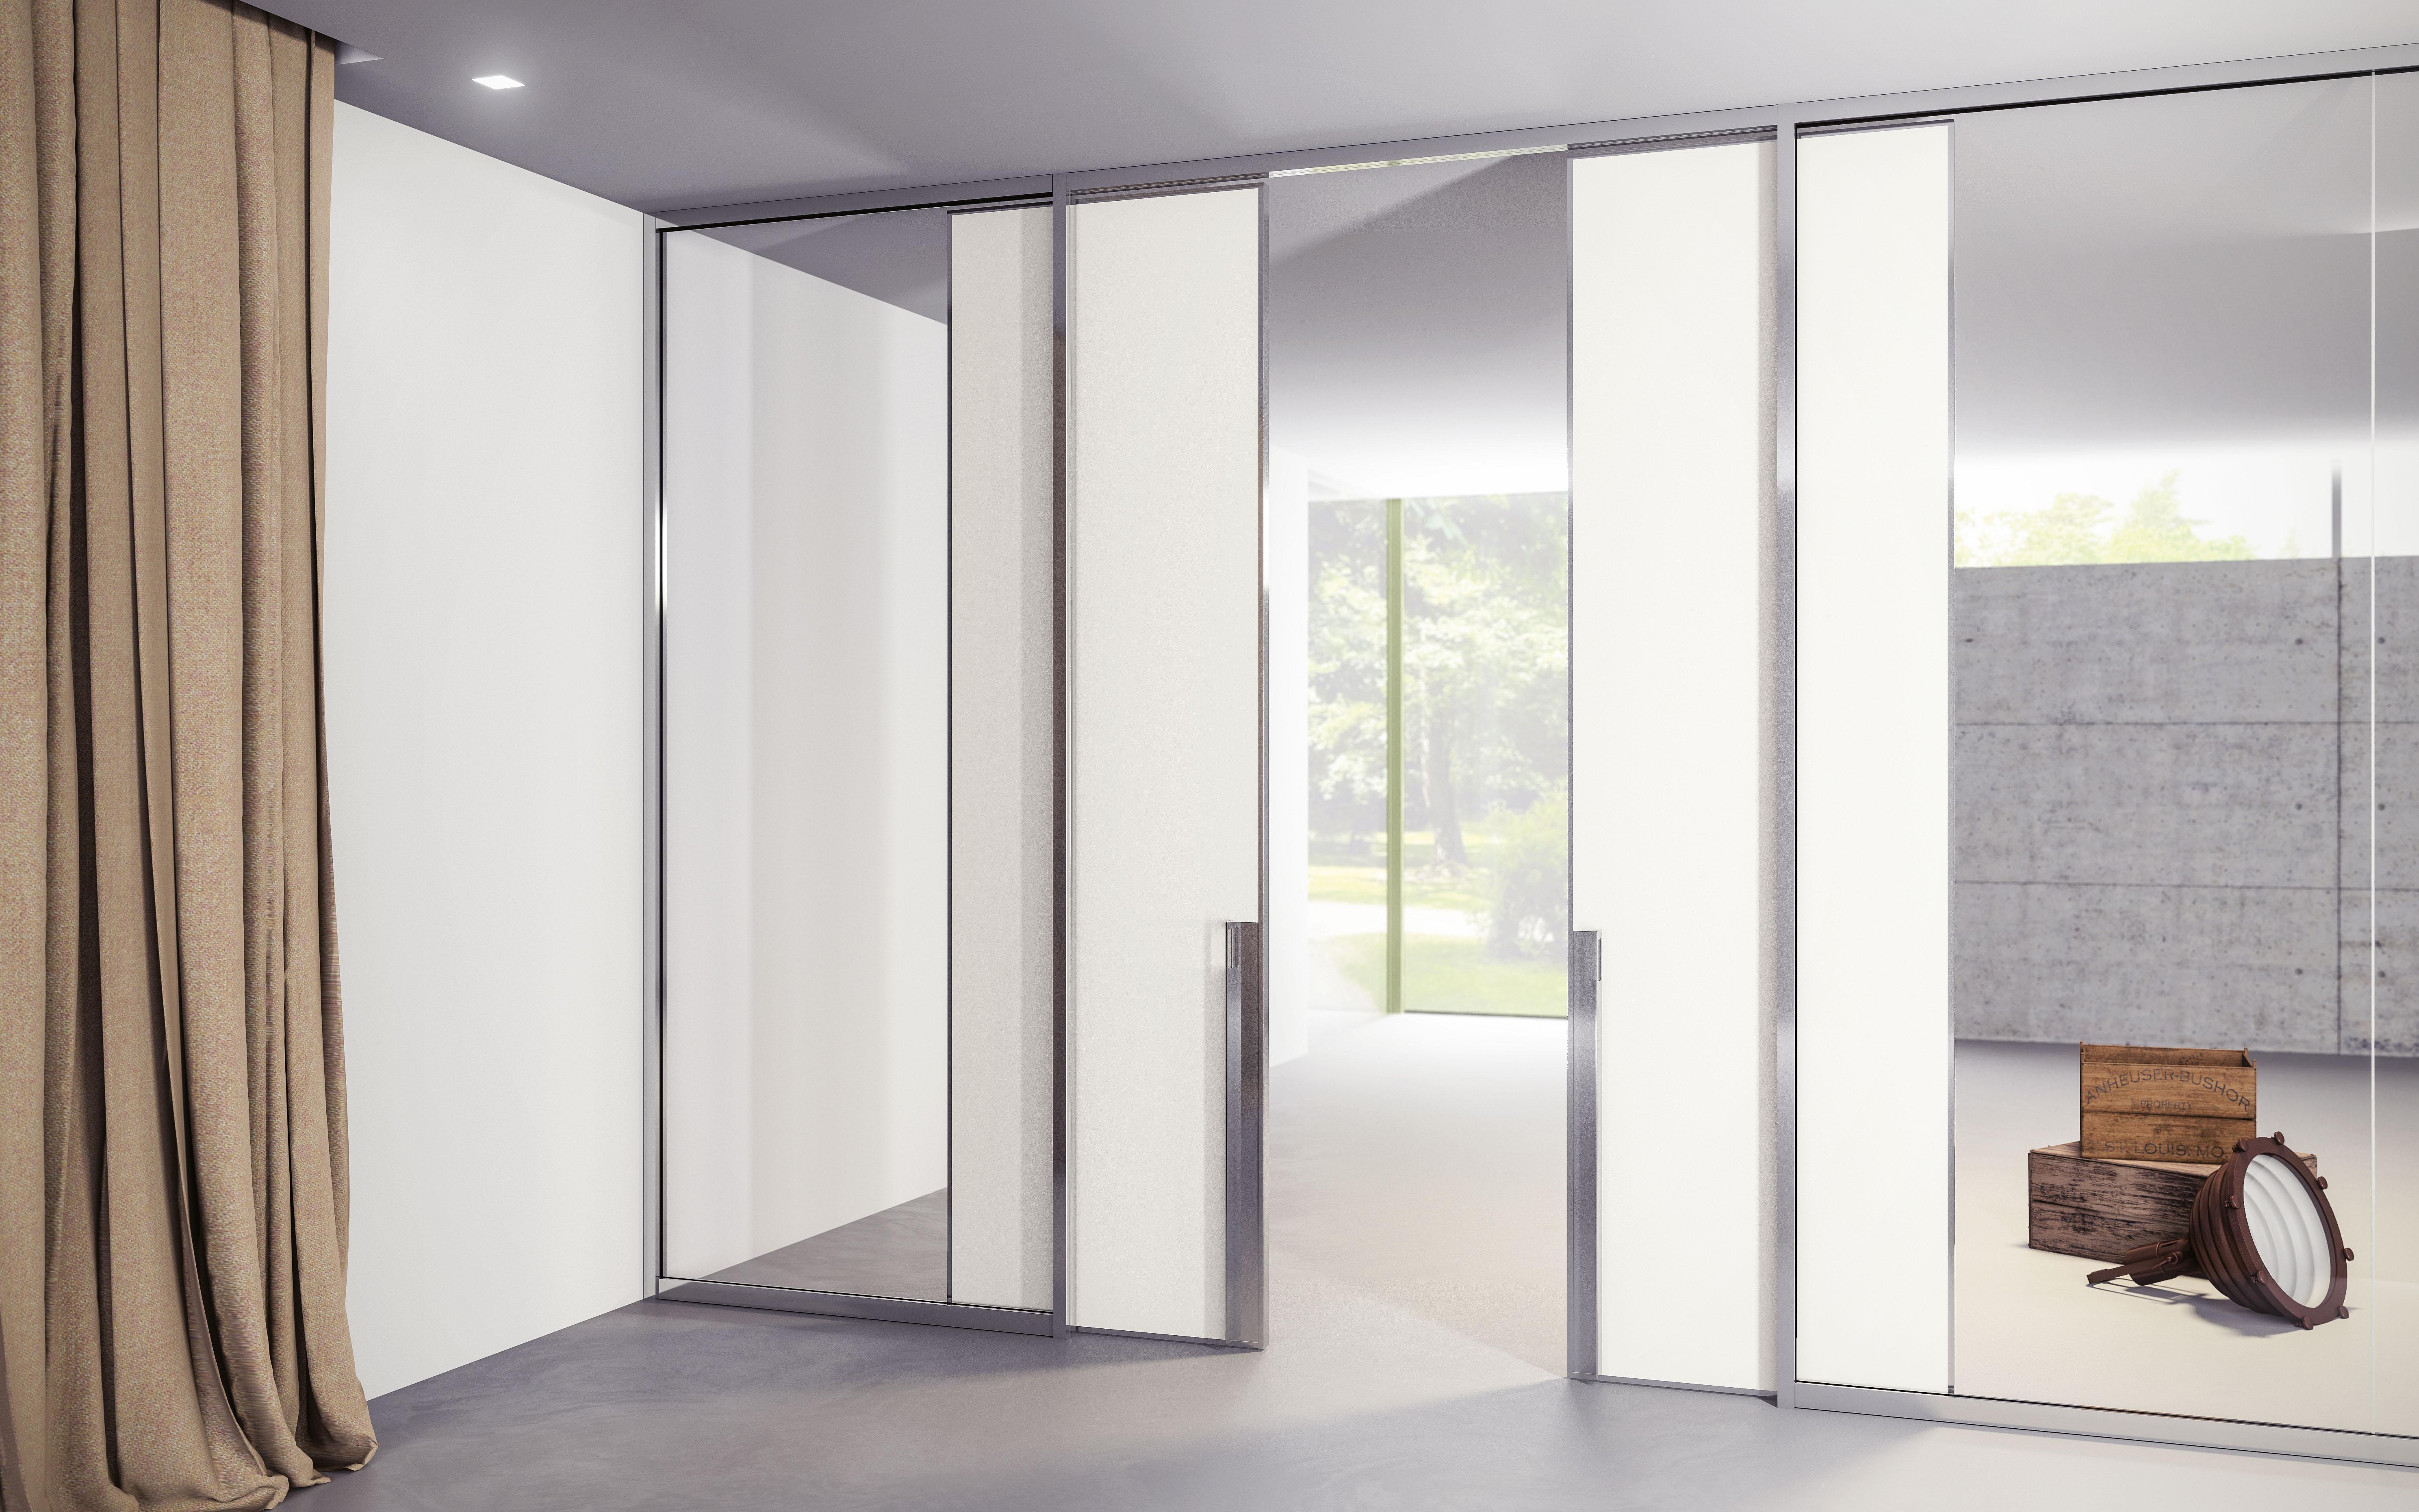 Parete Divisoria In Legno pareti divisorie in vetro/legno: arredamento per uffici